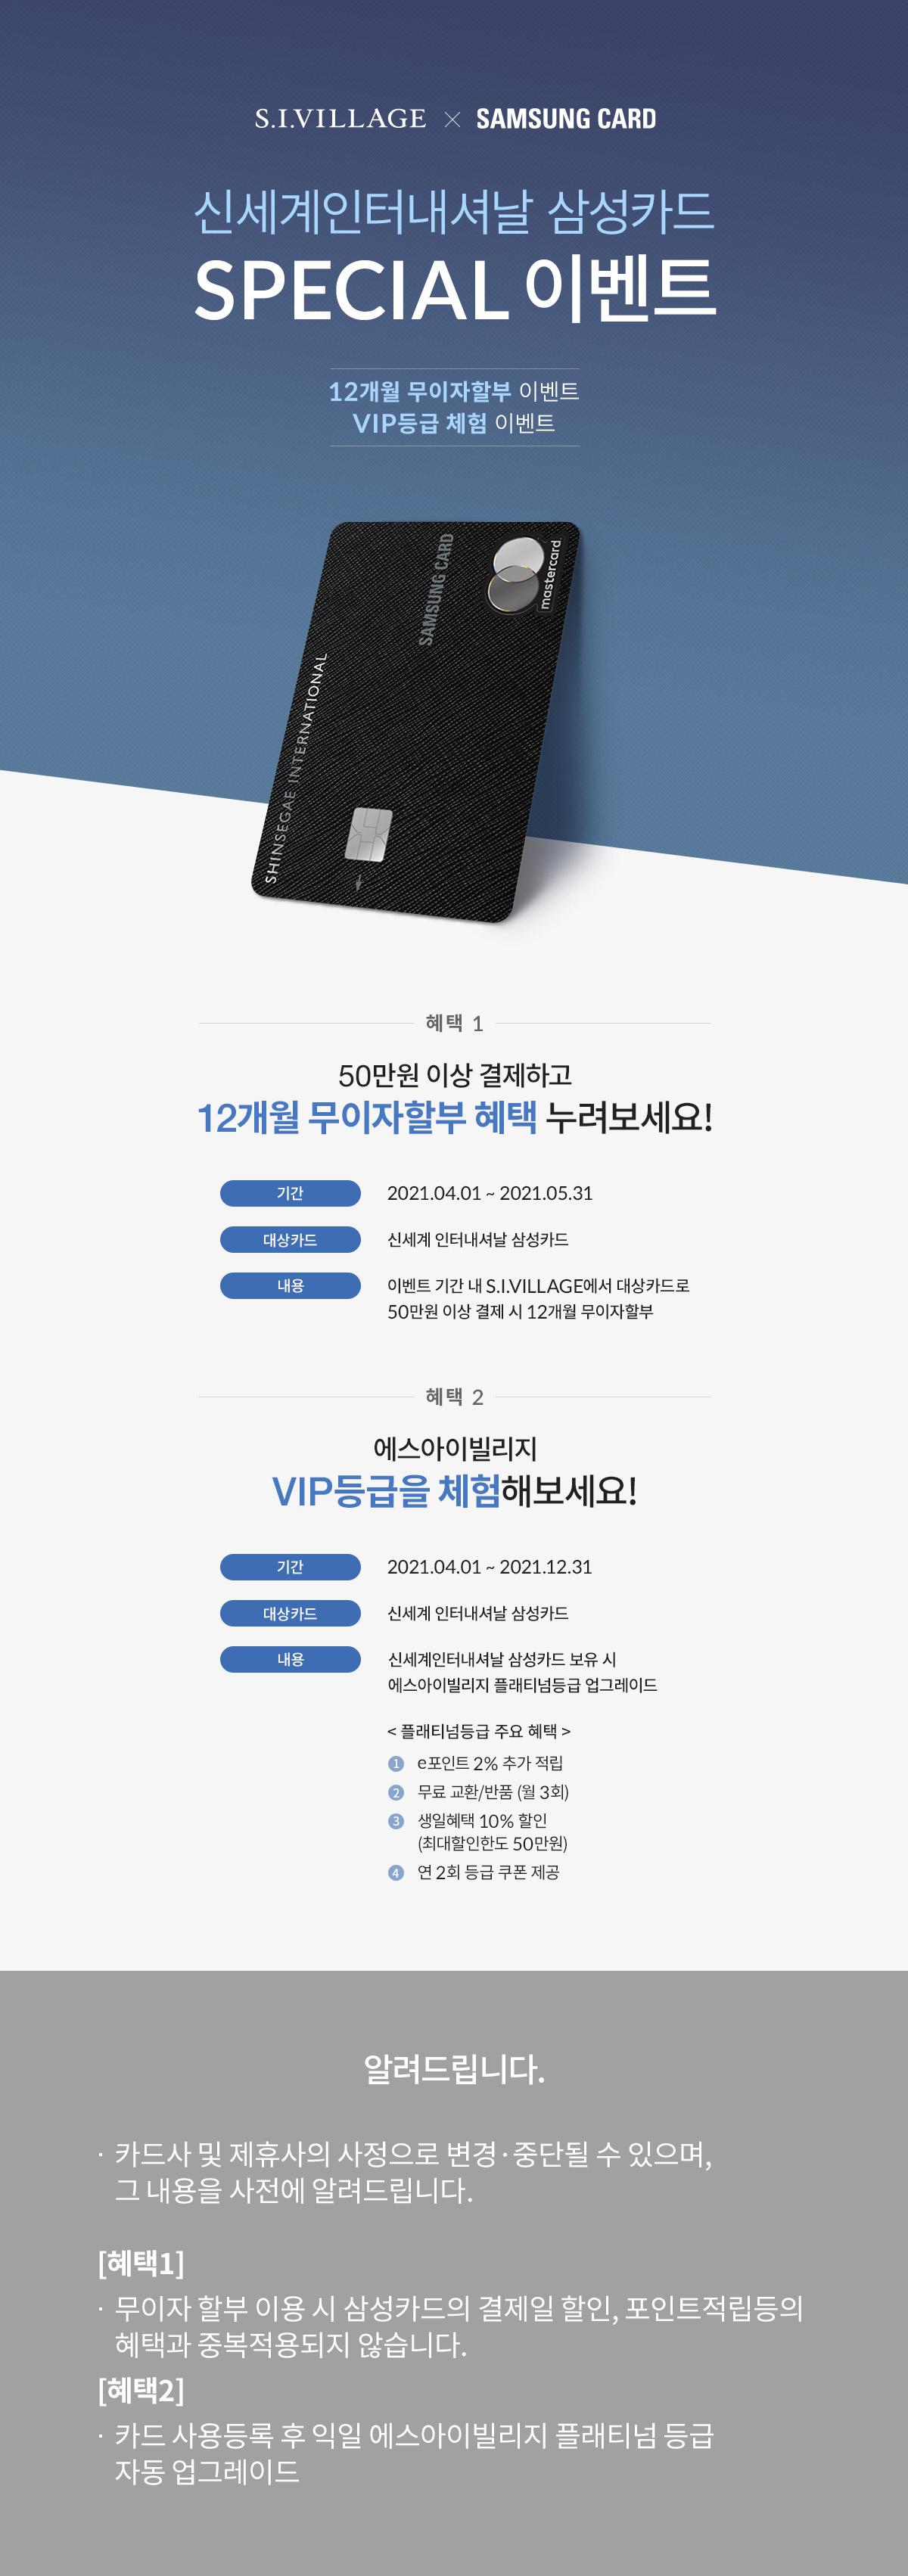 [이벤트상세] 신세계인터내셔날 삼성카드 SPECIAL 이벤트